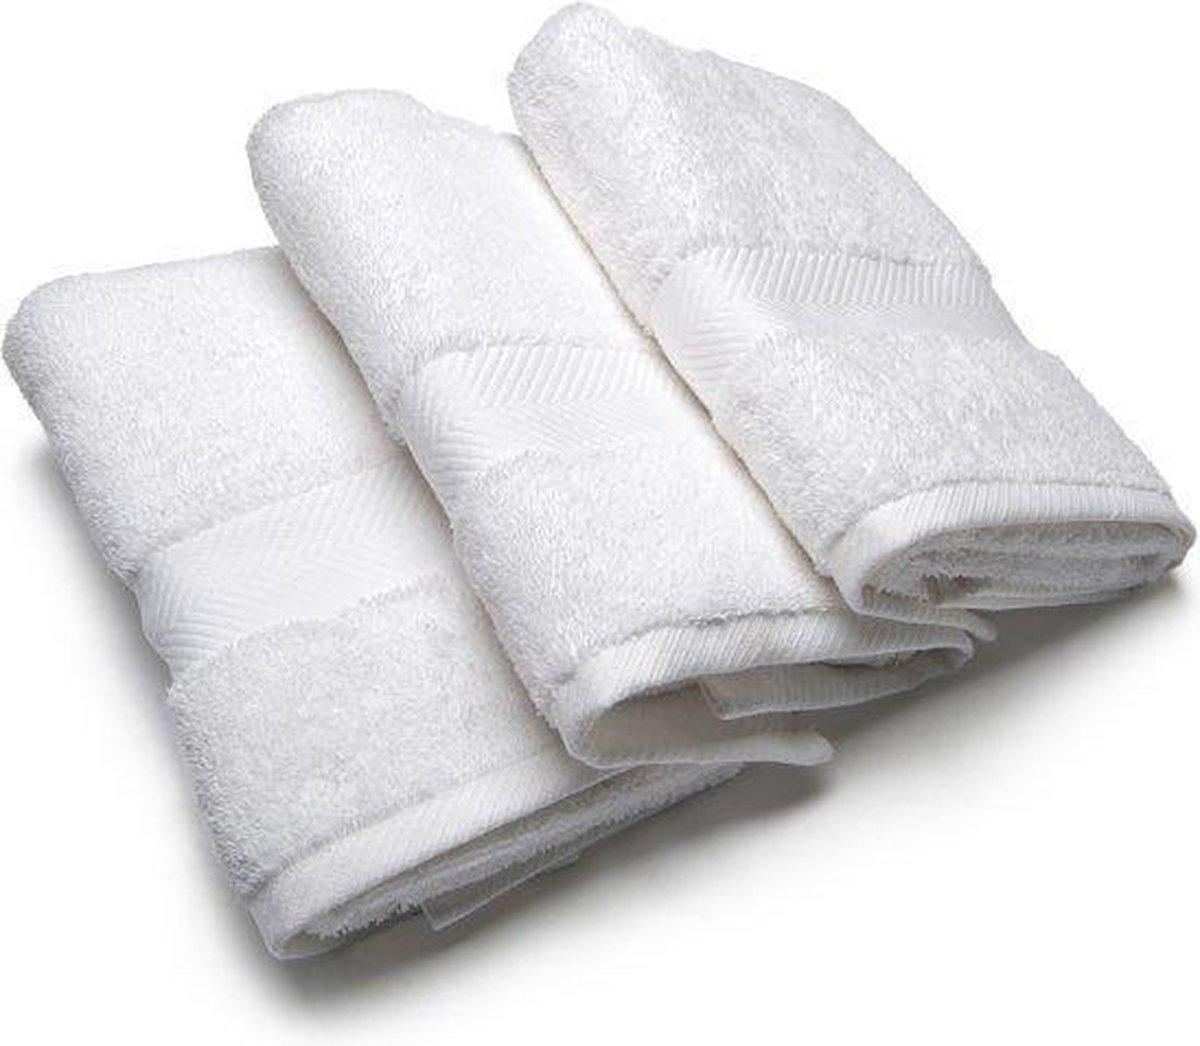 Handdoek Wit 50x100 cm - Refined Bedding